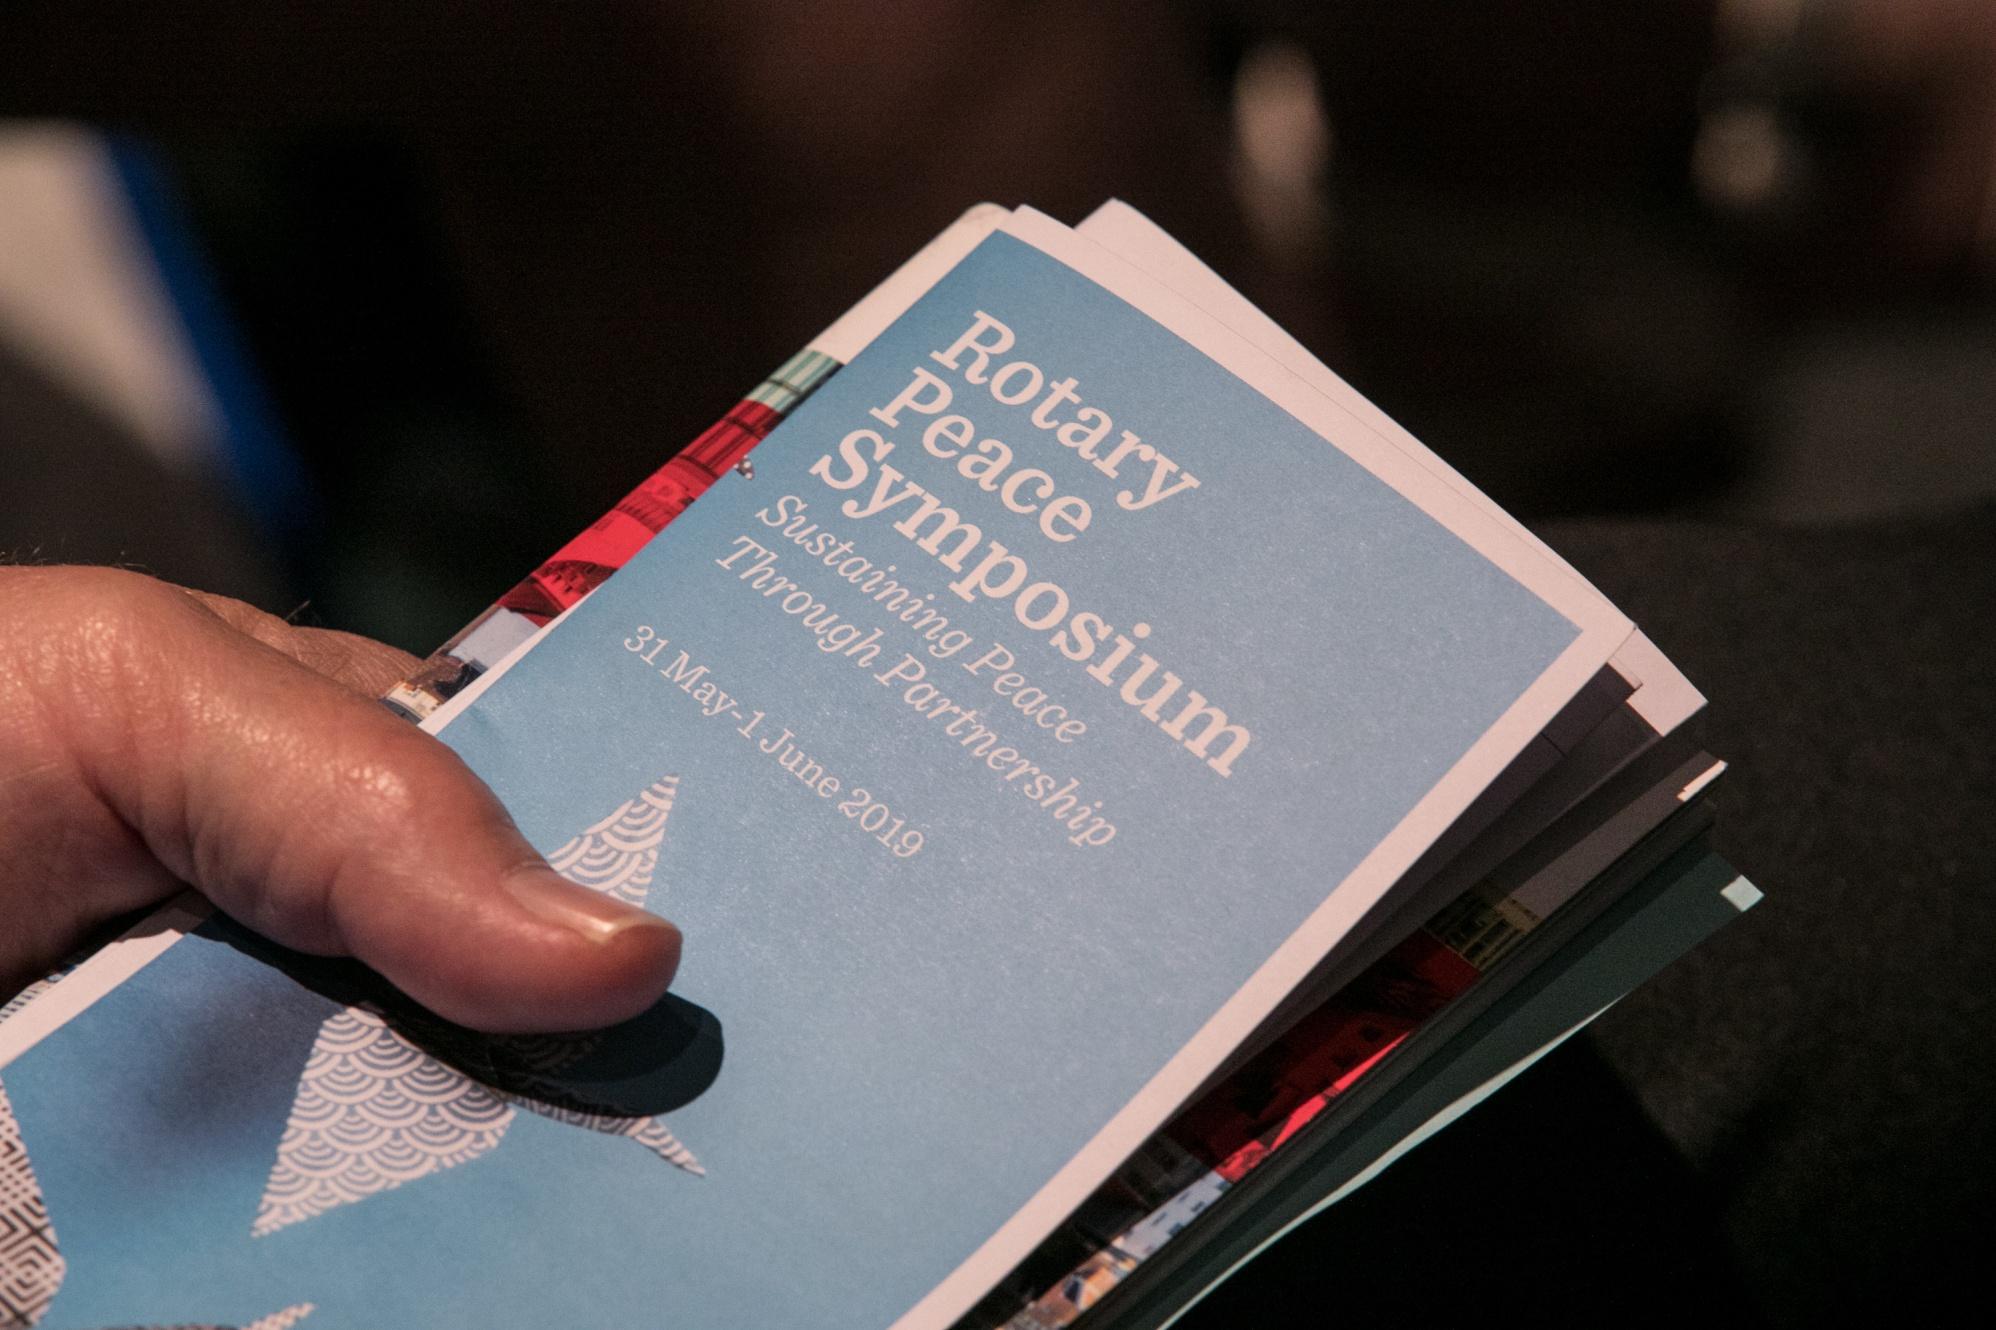 The Rotary Peace Symposium. 31 May 2019, Hamburg, Germany.